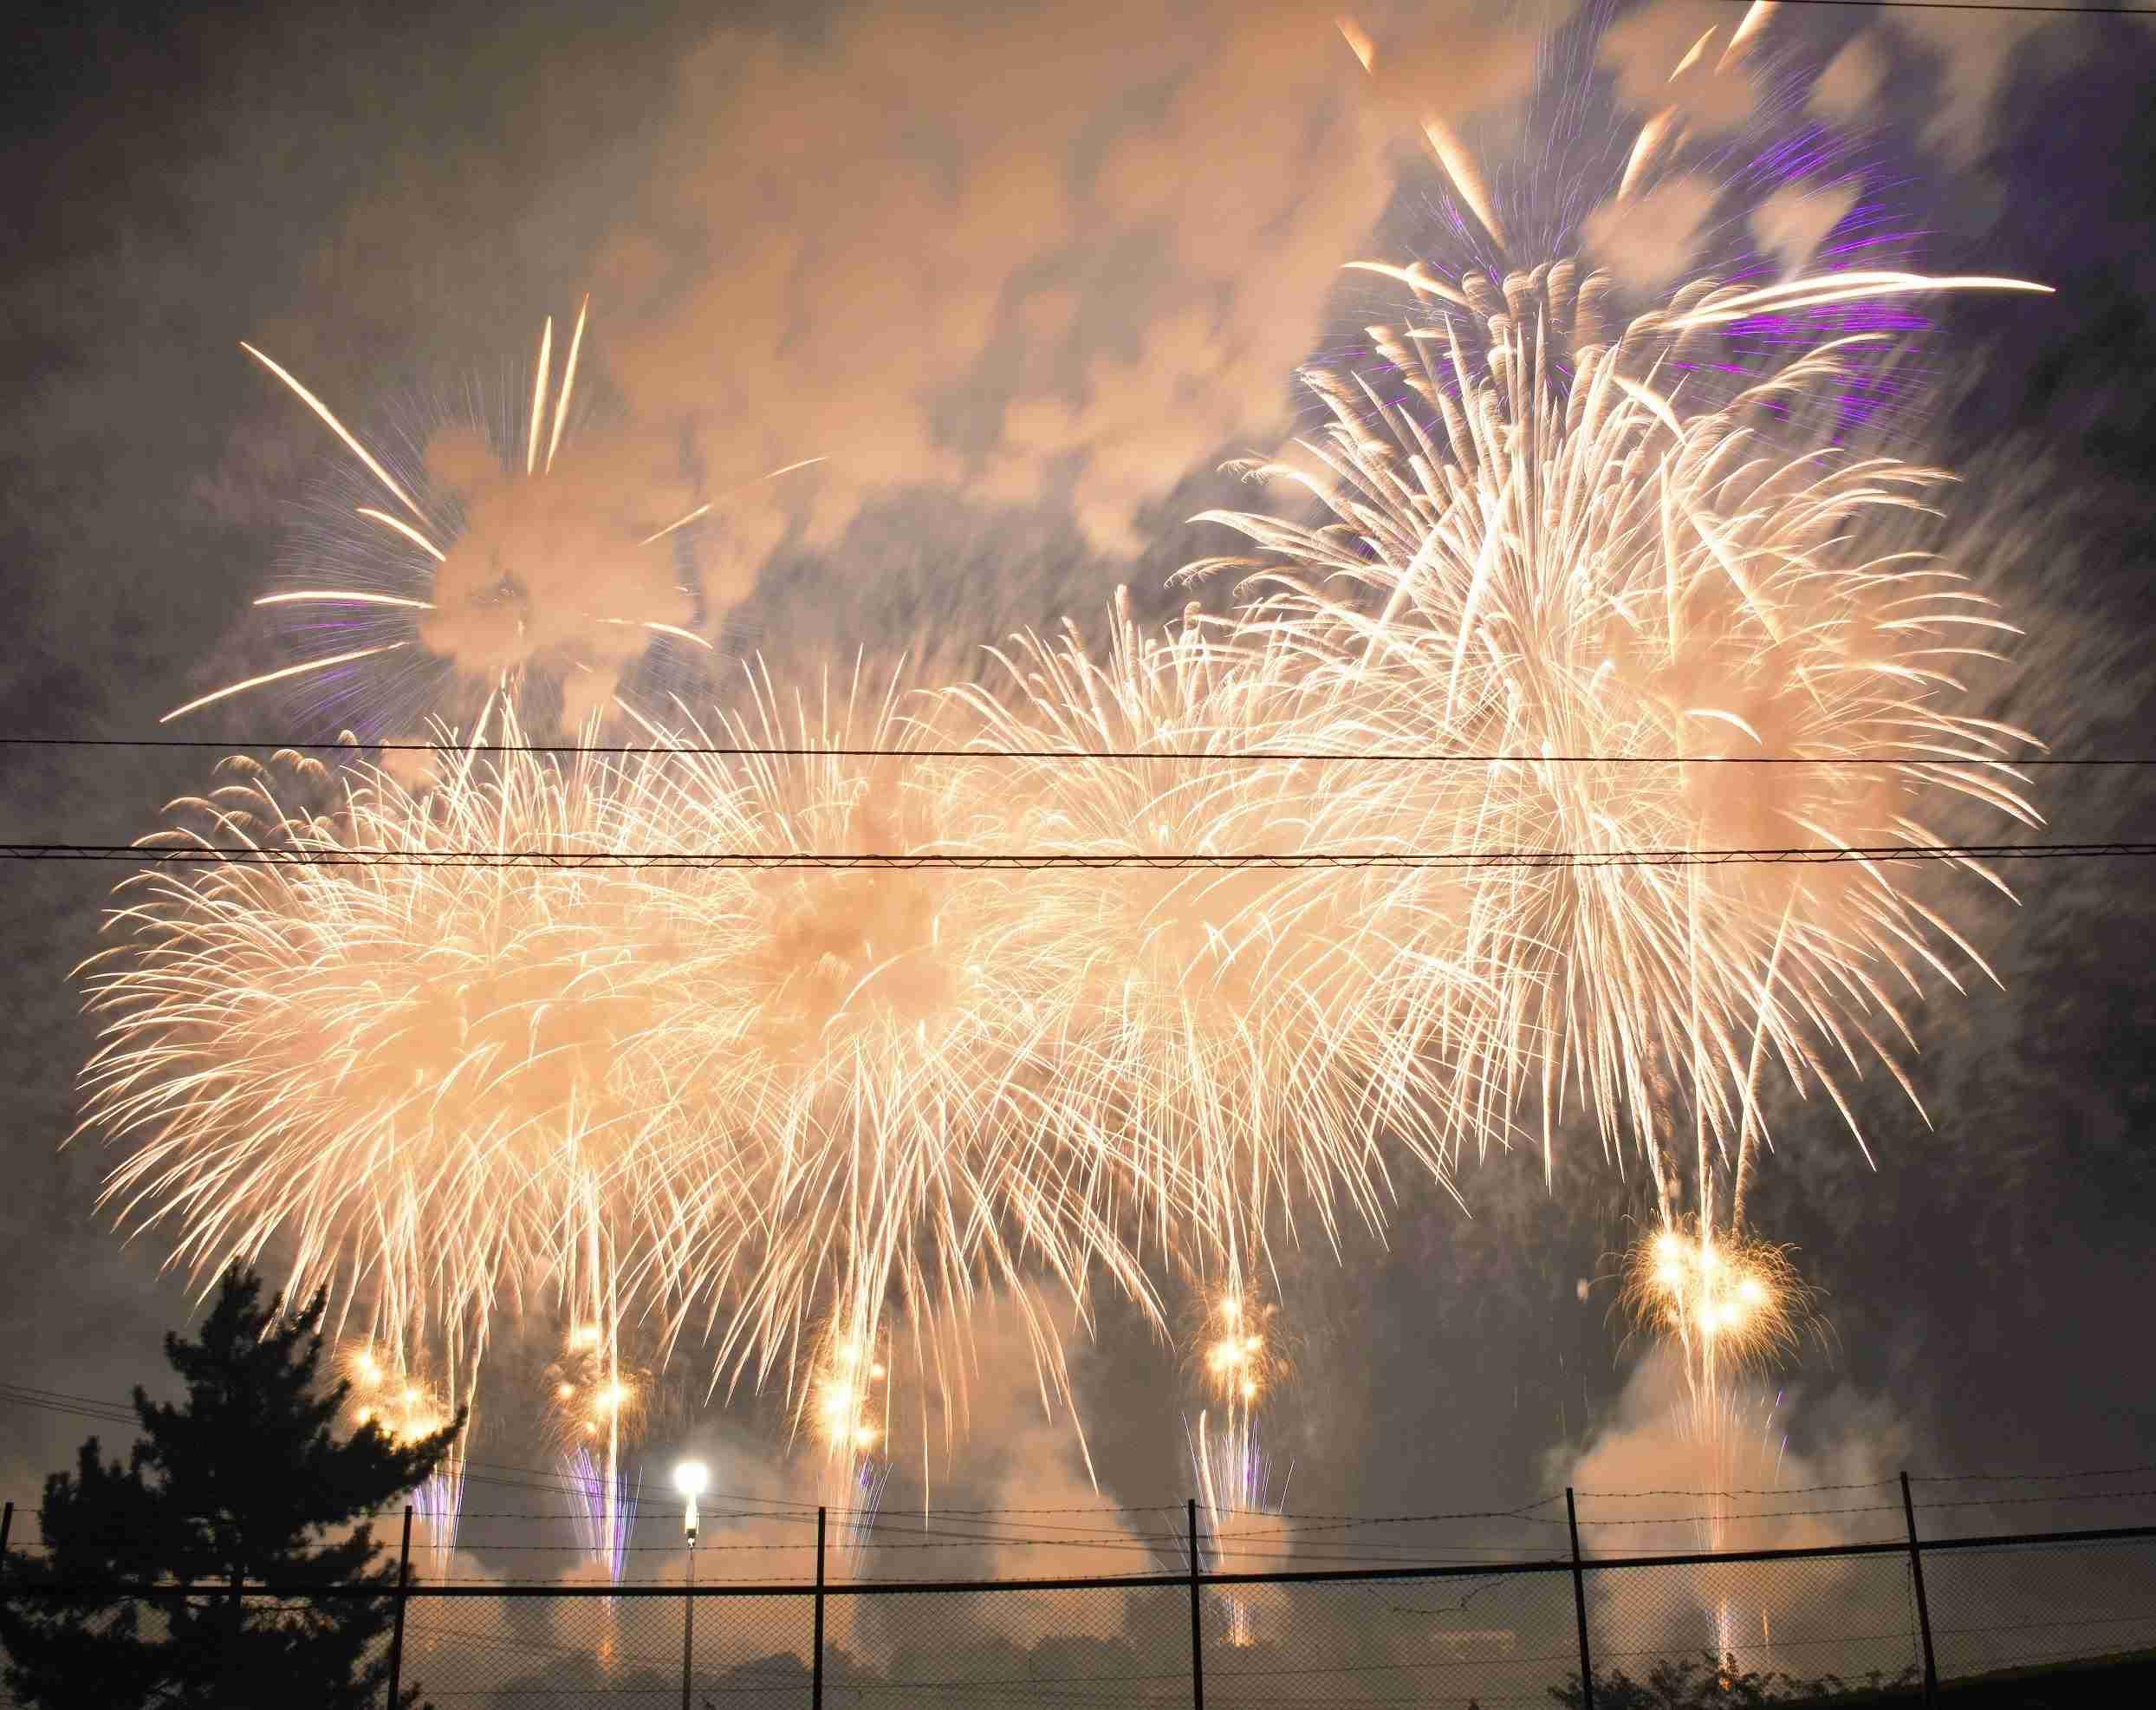 PL花火芸術2016  フィナーレ 【銀世界】  最前列より全景  高音質    The Art of PL Fireworks Osaka  Japan - YouTube